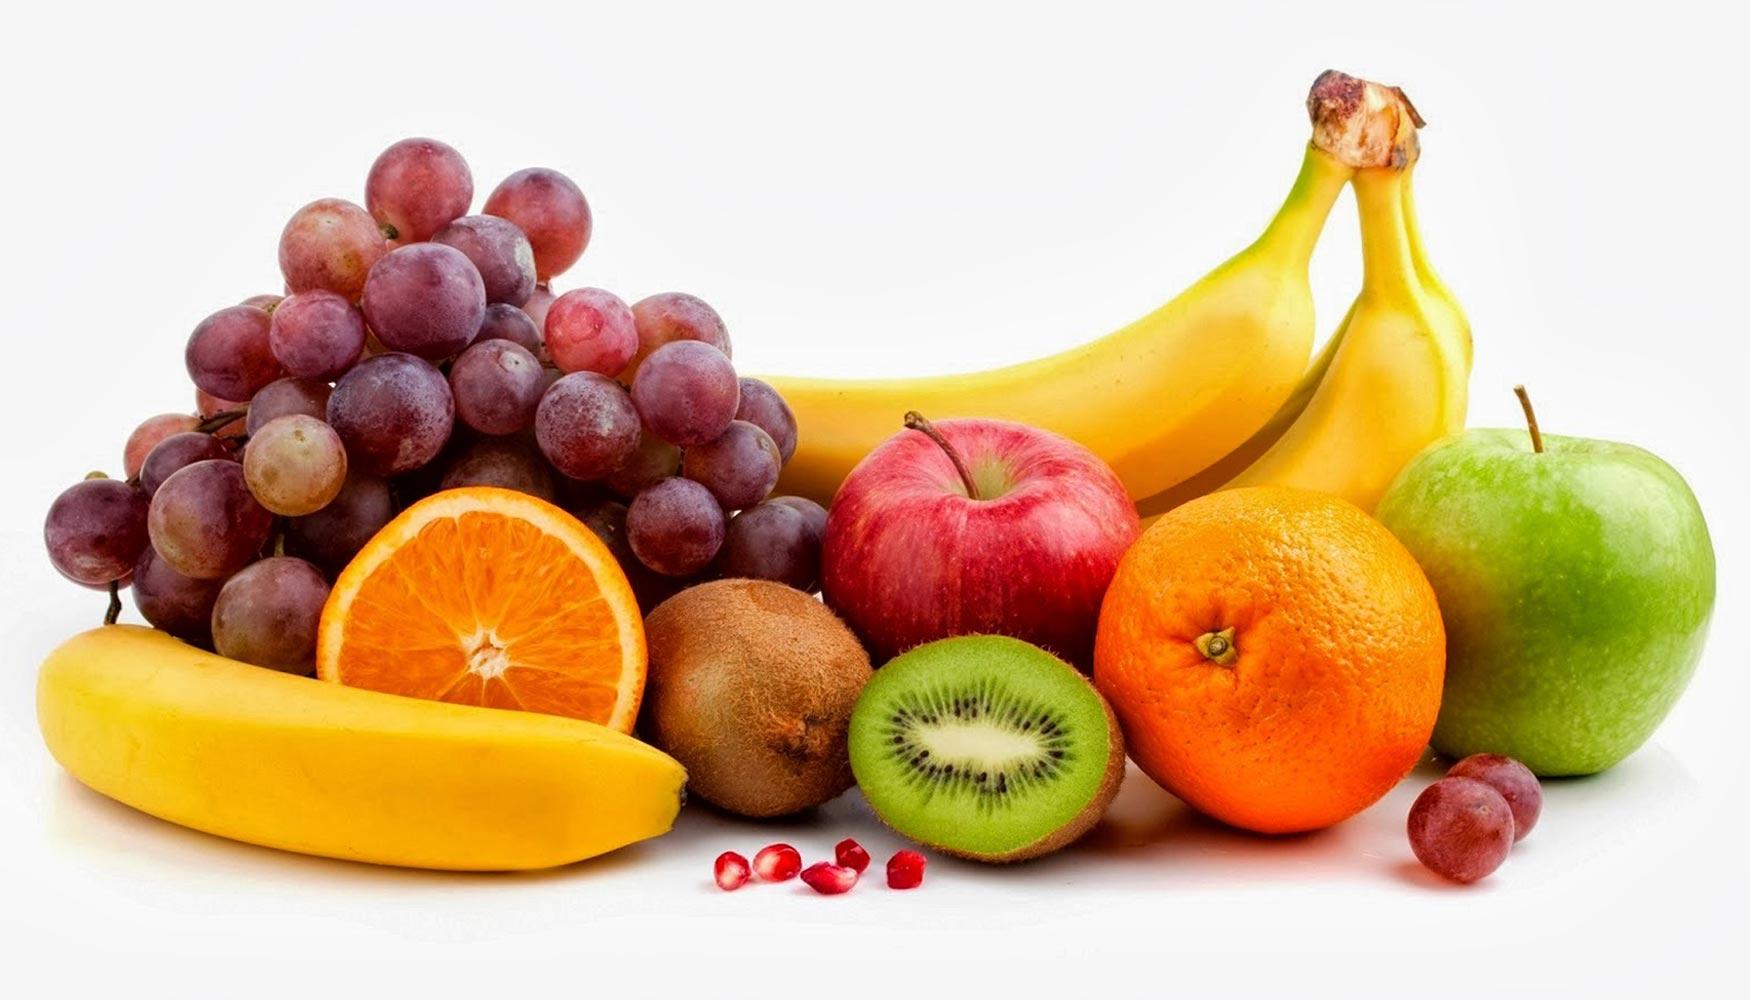 estabilizaci n de la importaci n comunitaria de frutas procedentes rh interempresas net fruta importada a mexico frutas importadas a españa